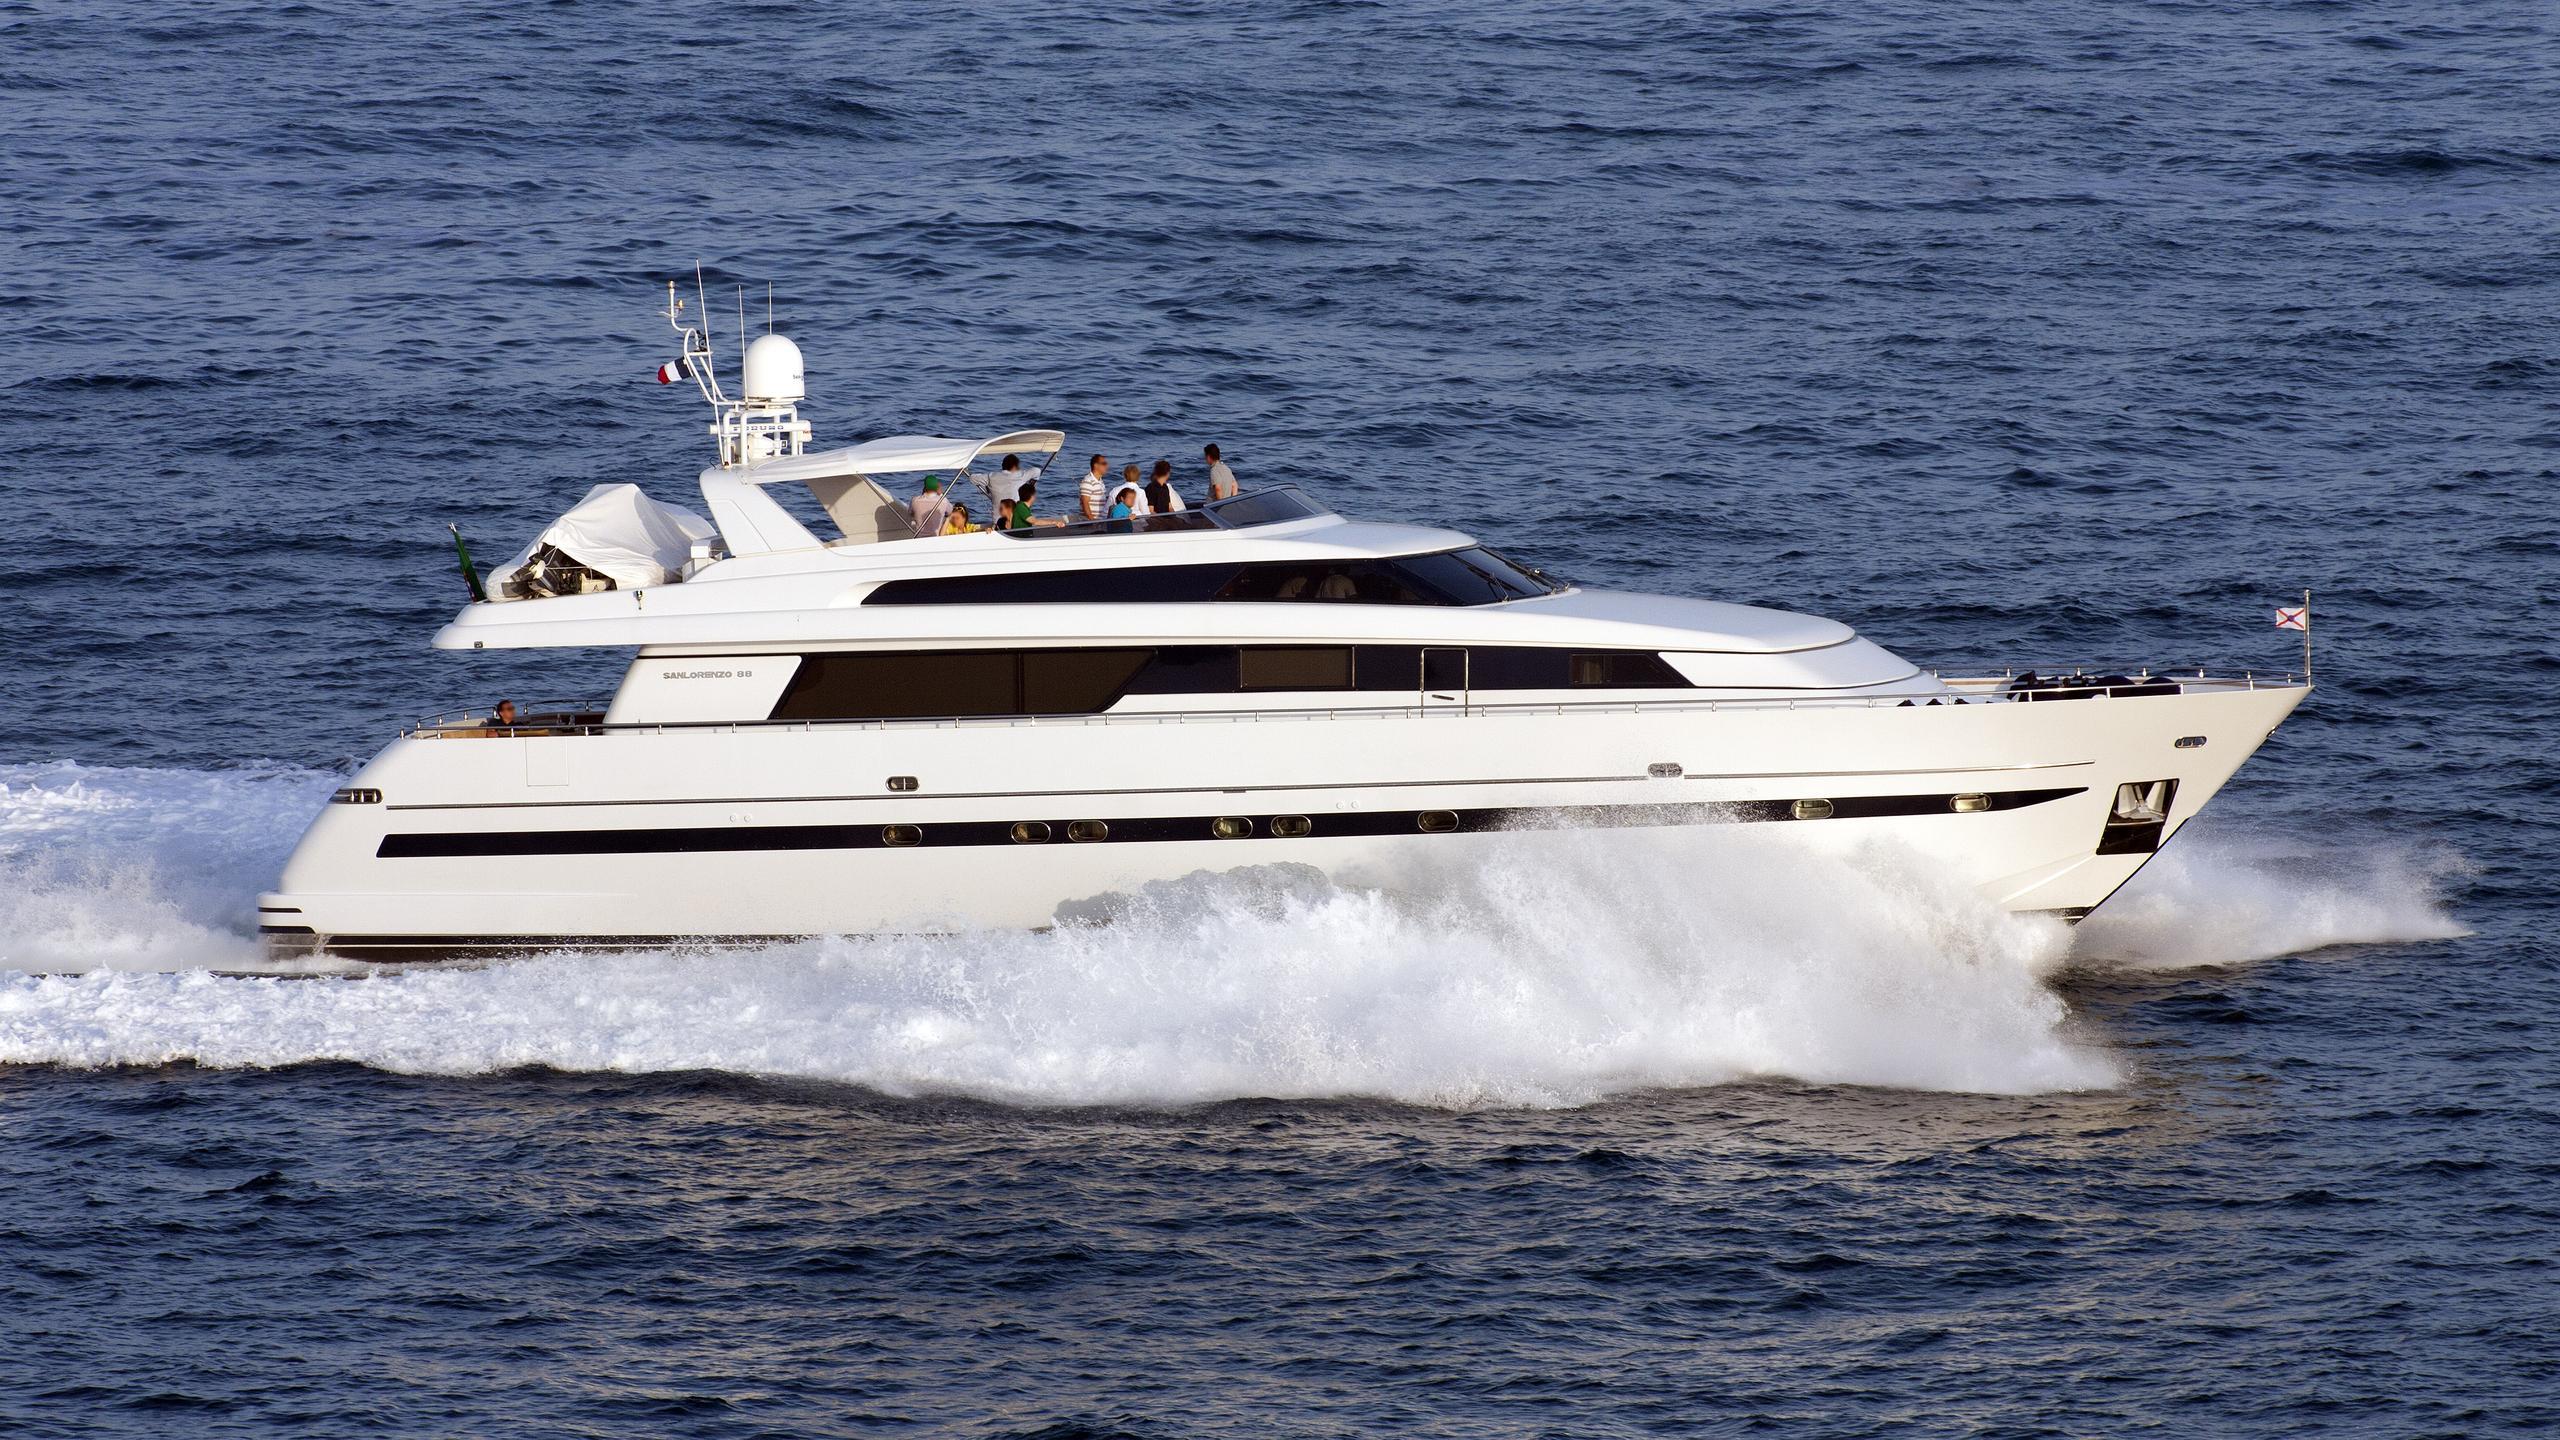 matsko-motoryacht-sanlorenzo-88-2000-27m-profile-running